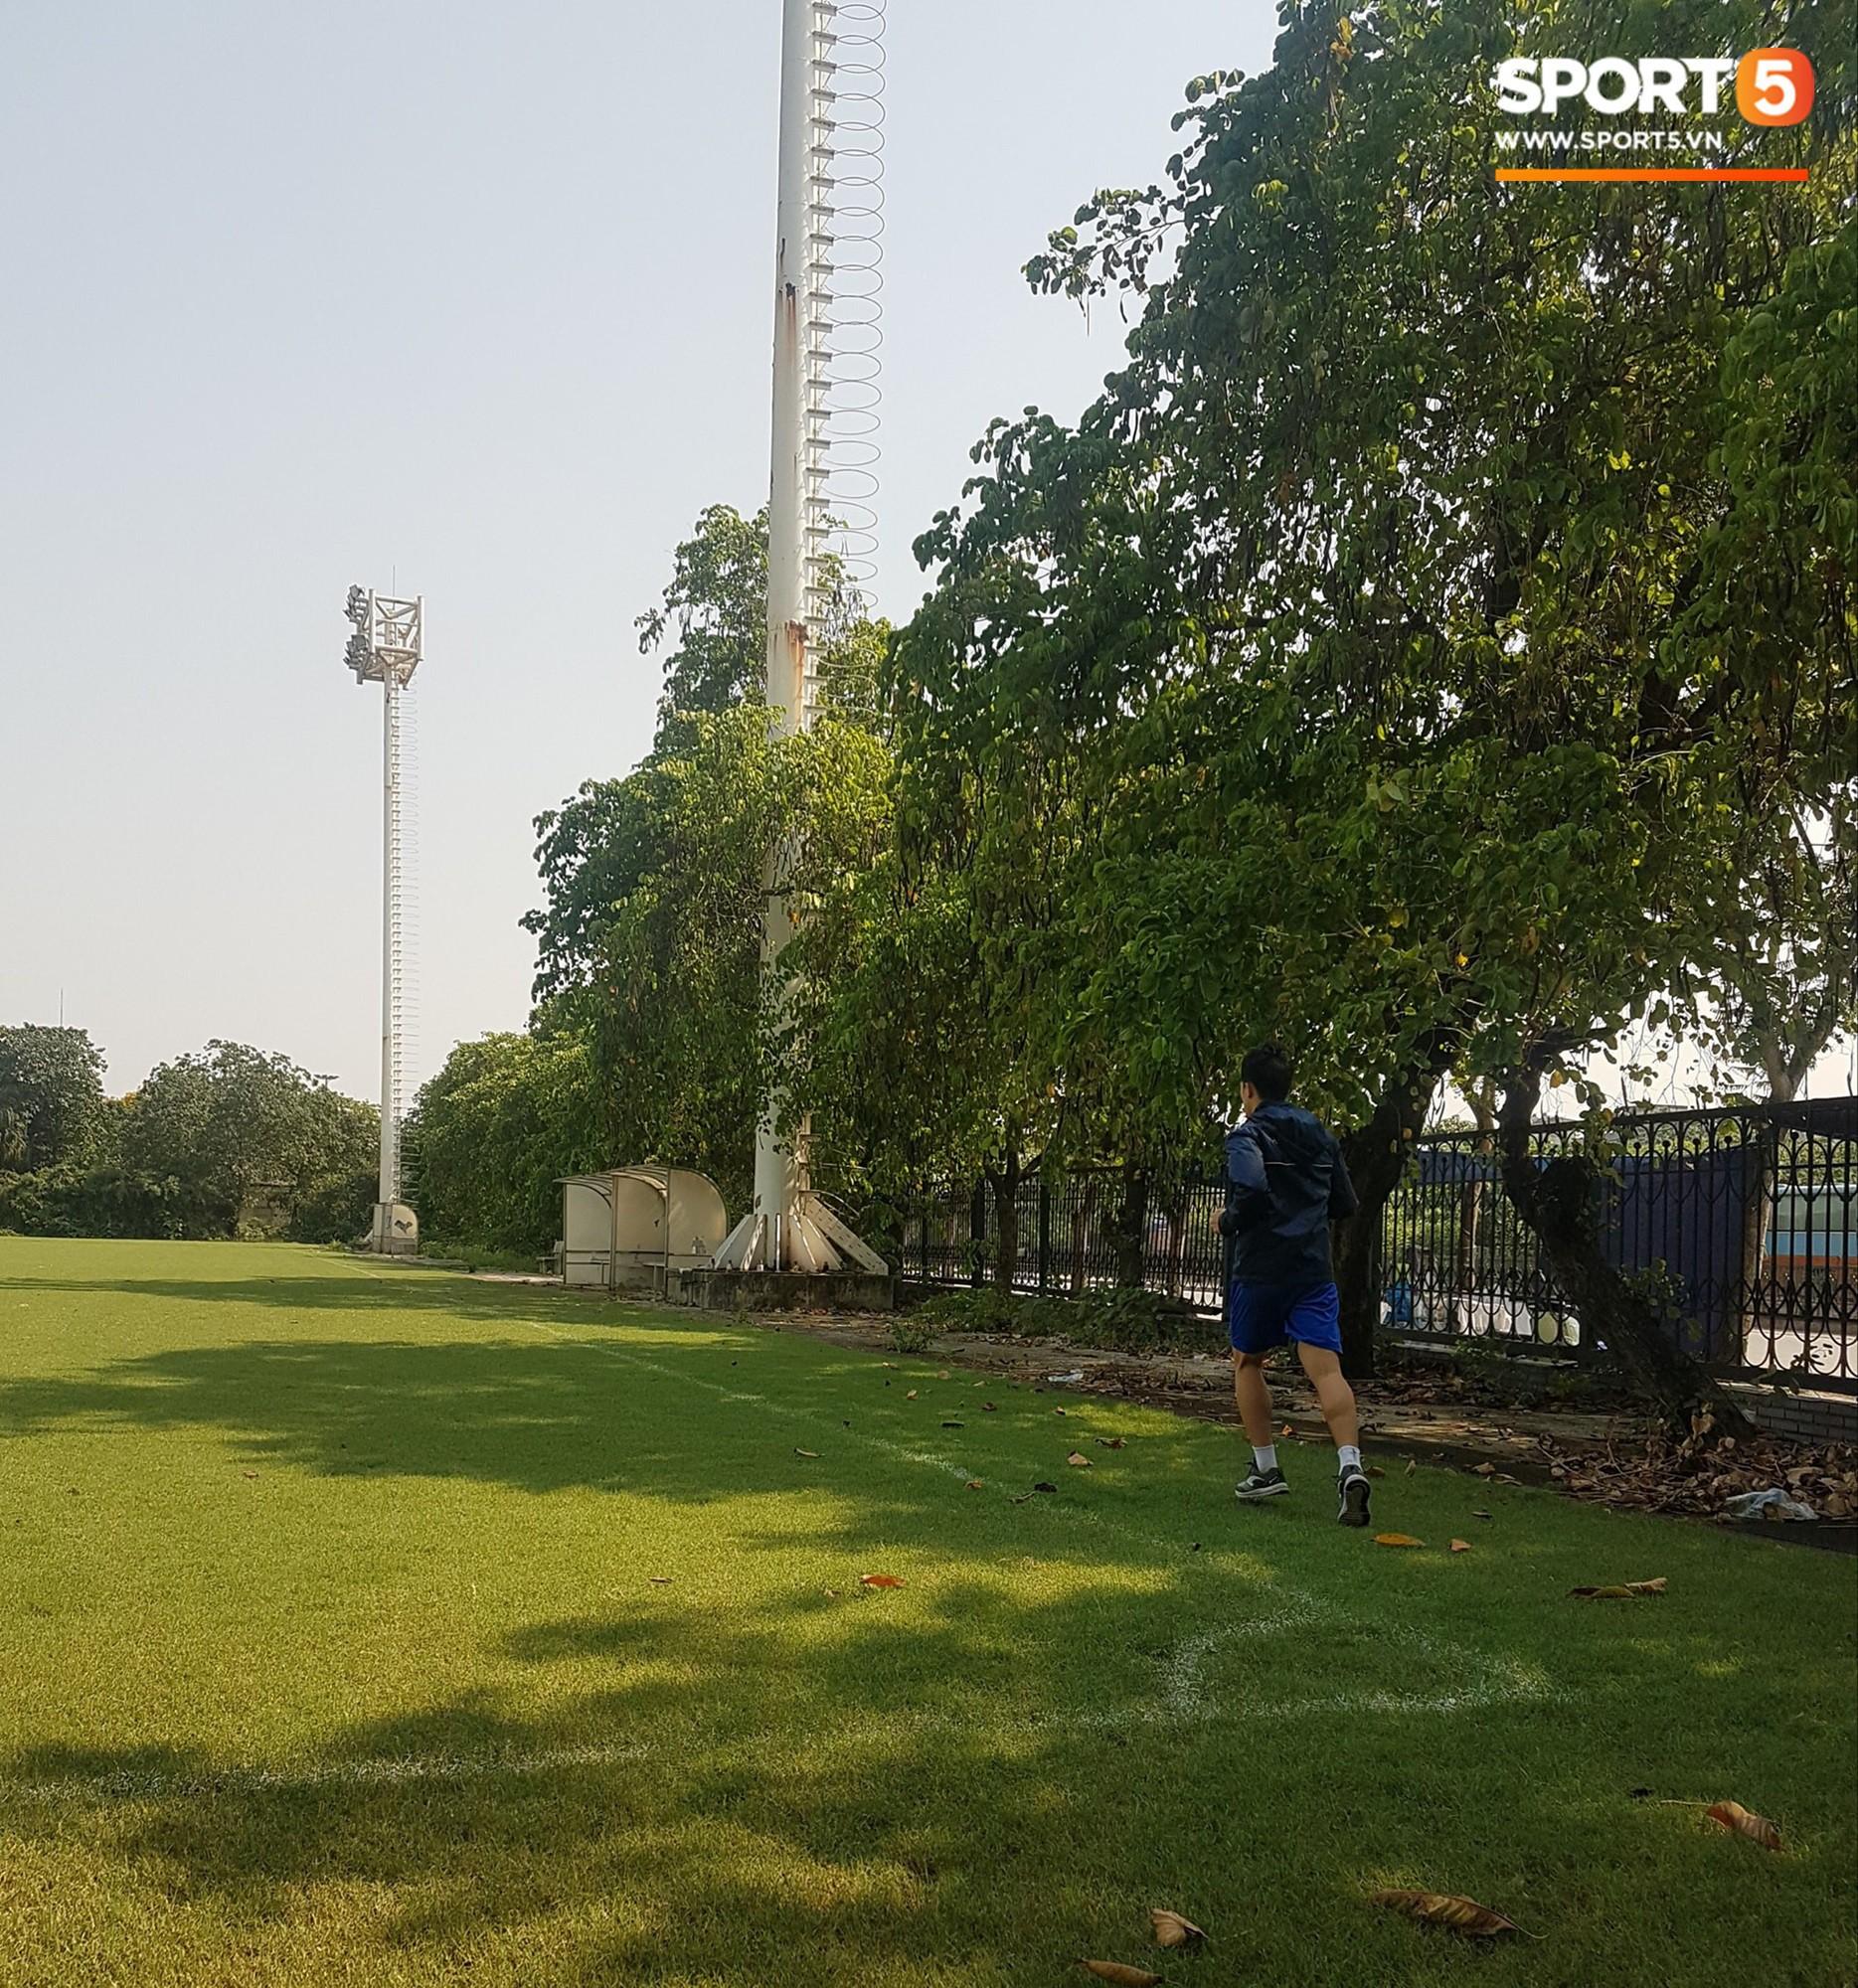 Đình Trọng một mình chạy duy trì thể lực giữa trưa nắng 40 độ C - Ảnh 2.